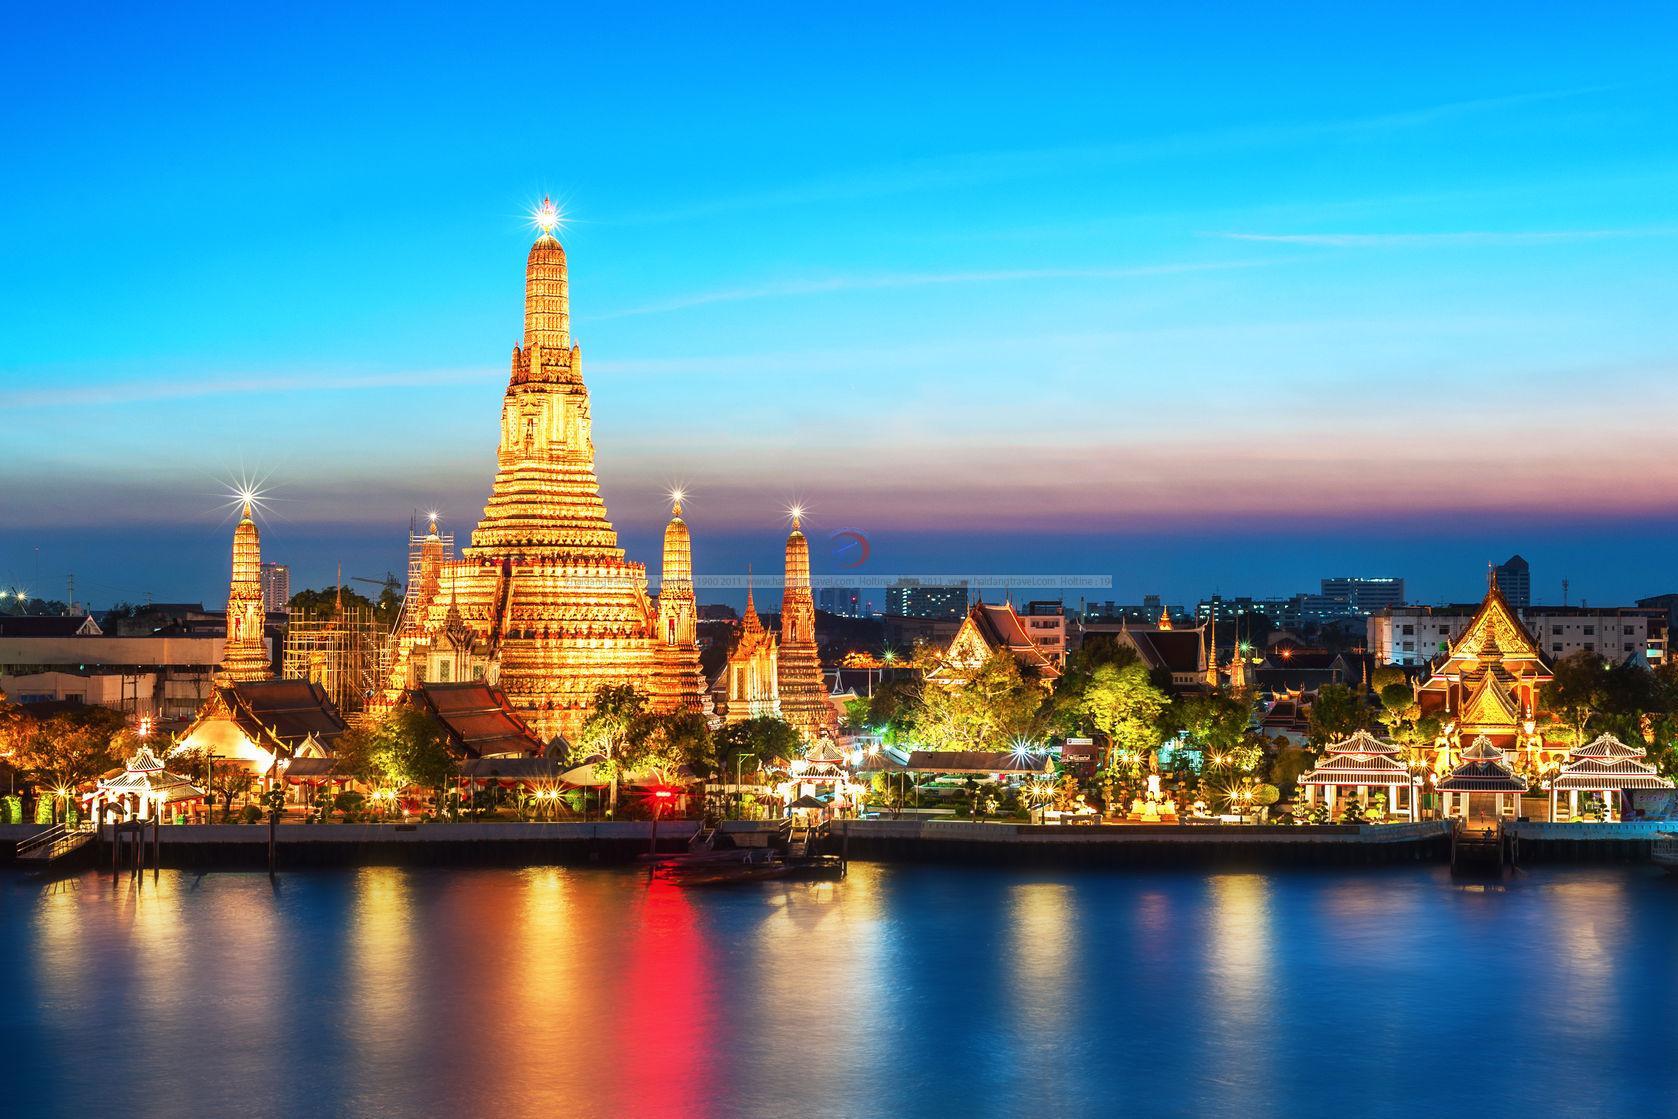 Tour Thái Lan giá rẻ - sự lựa chọn hấp dẫn và khác biệt cho mùa hè sôi động